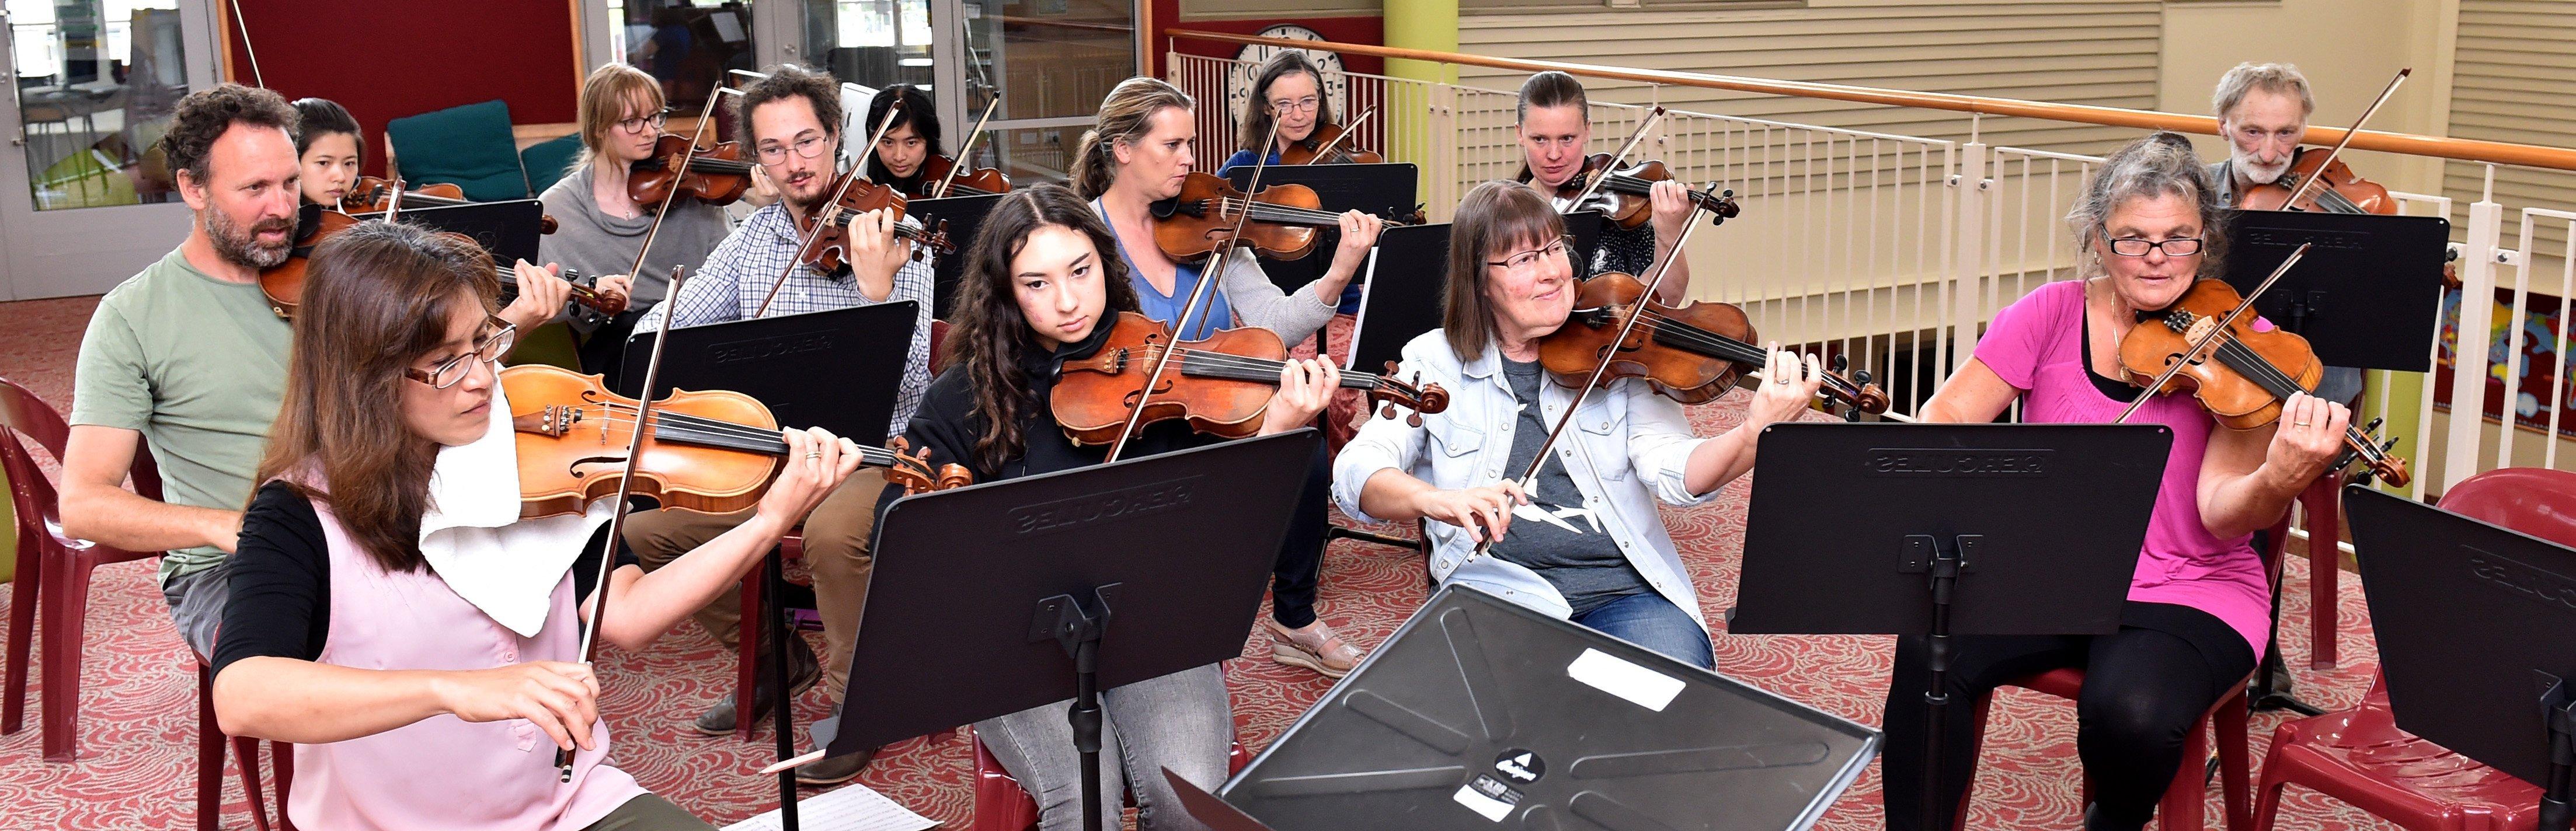 """""""Members'' of Strork rehearse for their Fringe Festival concert. PHOTO: GREGOR RICHARDSON"""